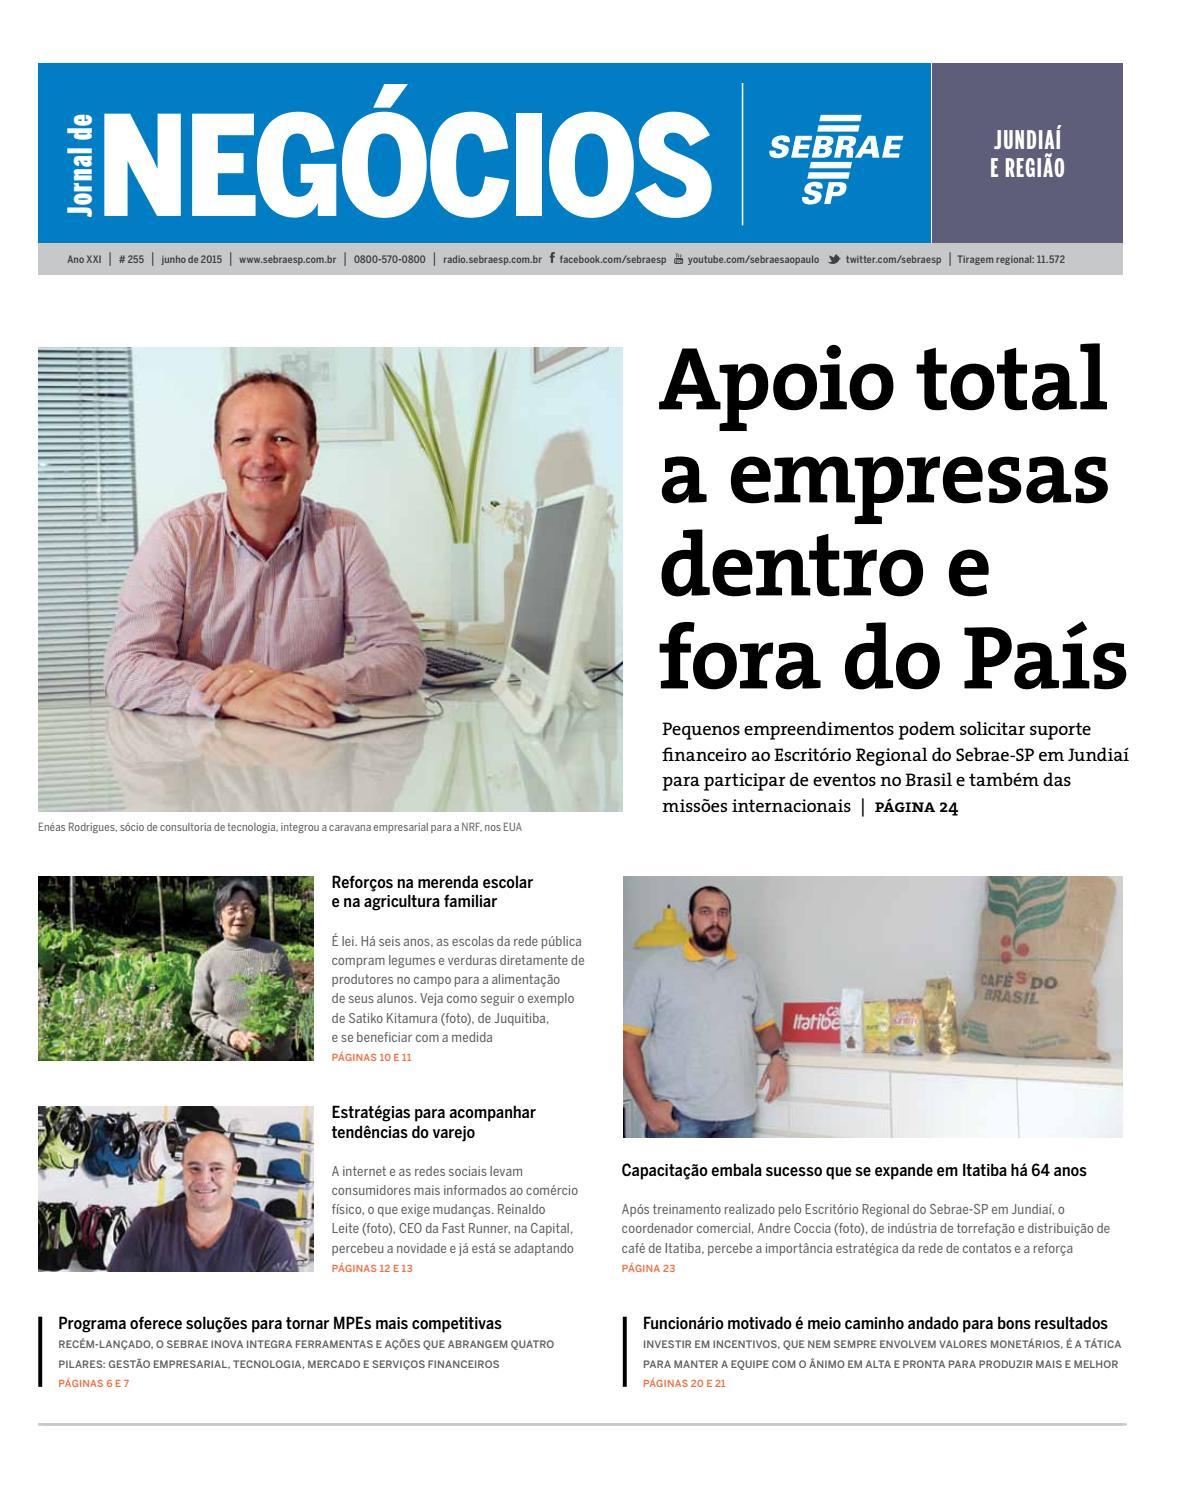 556a6e41473 Jornal de Negócios Sebrae-SP - 01 de junho de 2015 - Jundiaí e Região by  Sebrae-SP - issuu